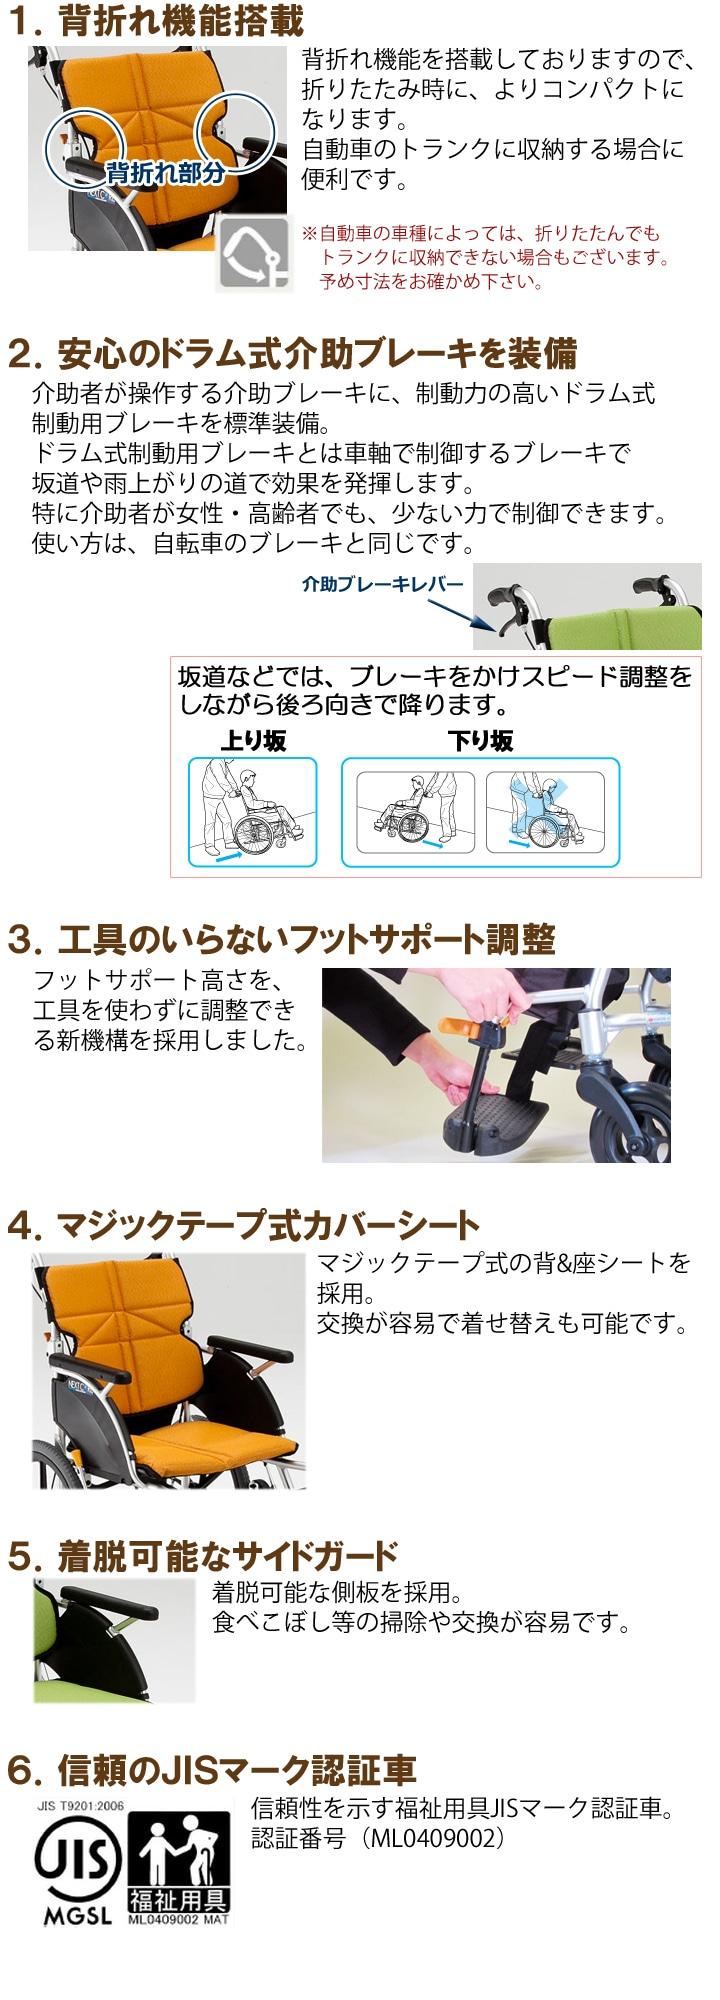 介助用車いす NEXT-21B「ネクストコア 介助用」の機能説明